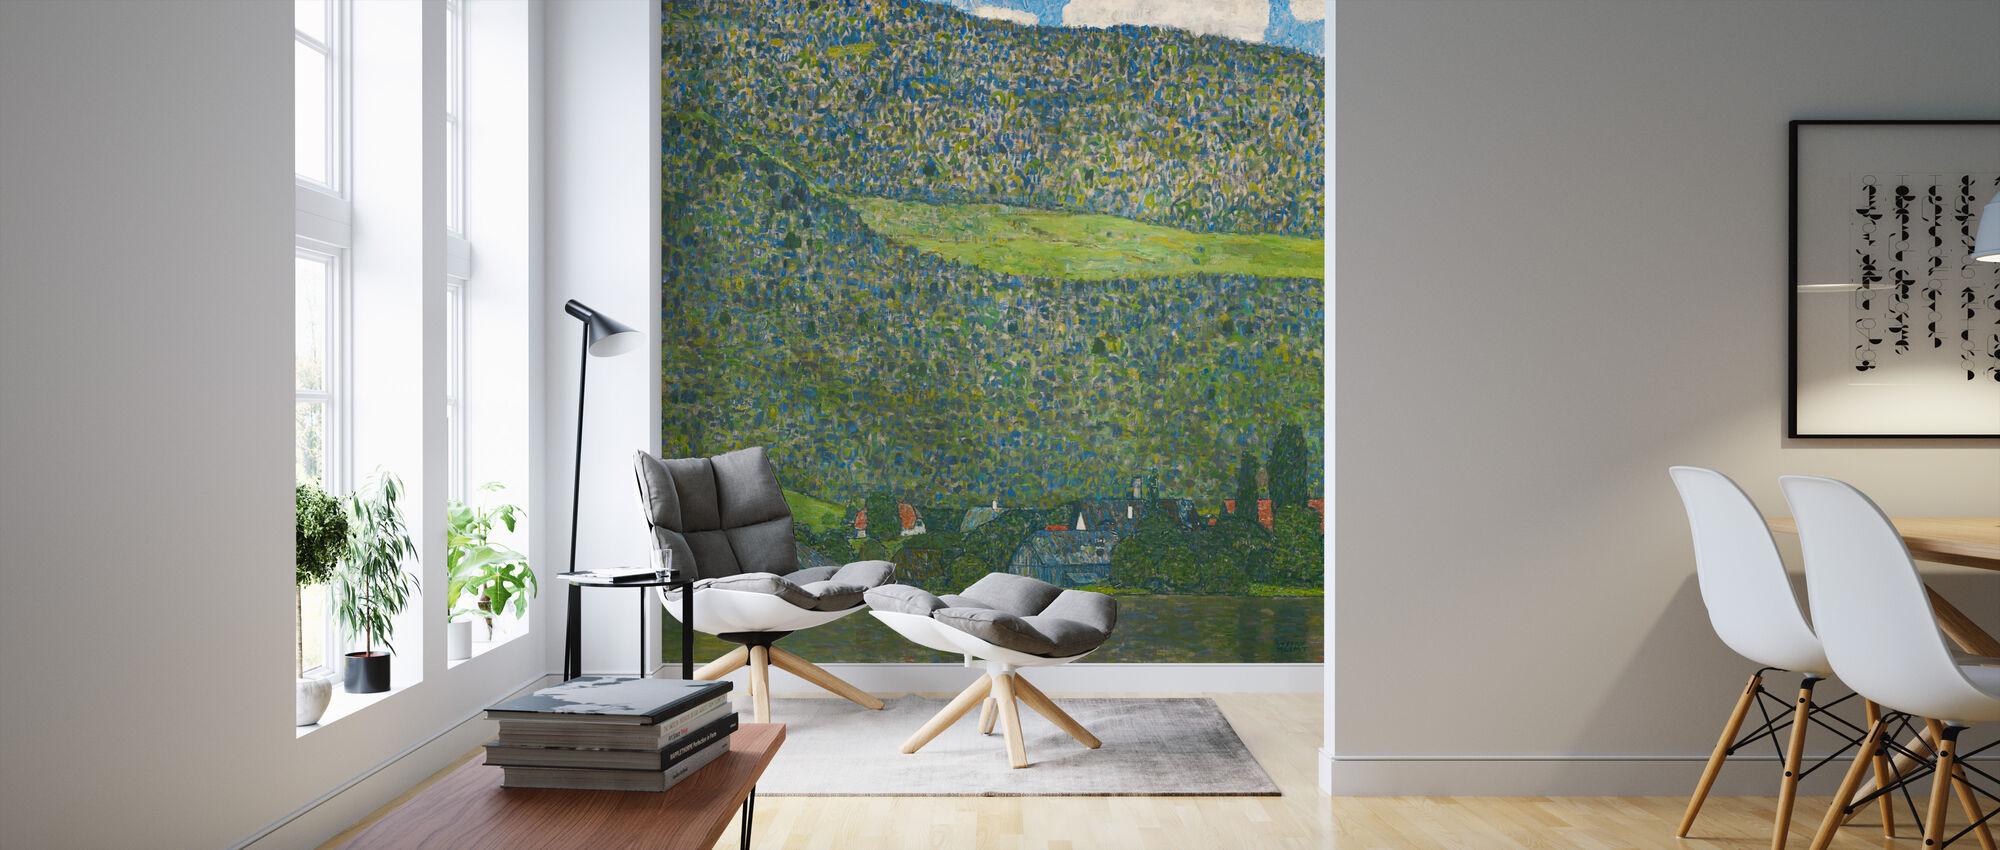 Klimt, Gustav - Litzlberg on the Attersee - Wallpaper - Living Room